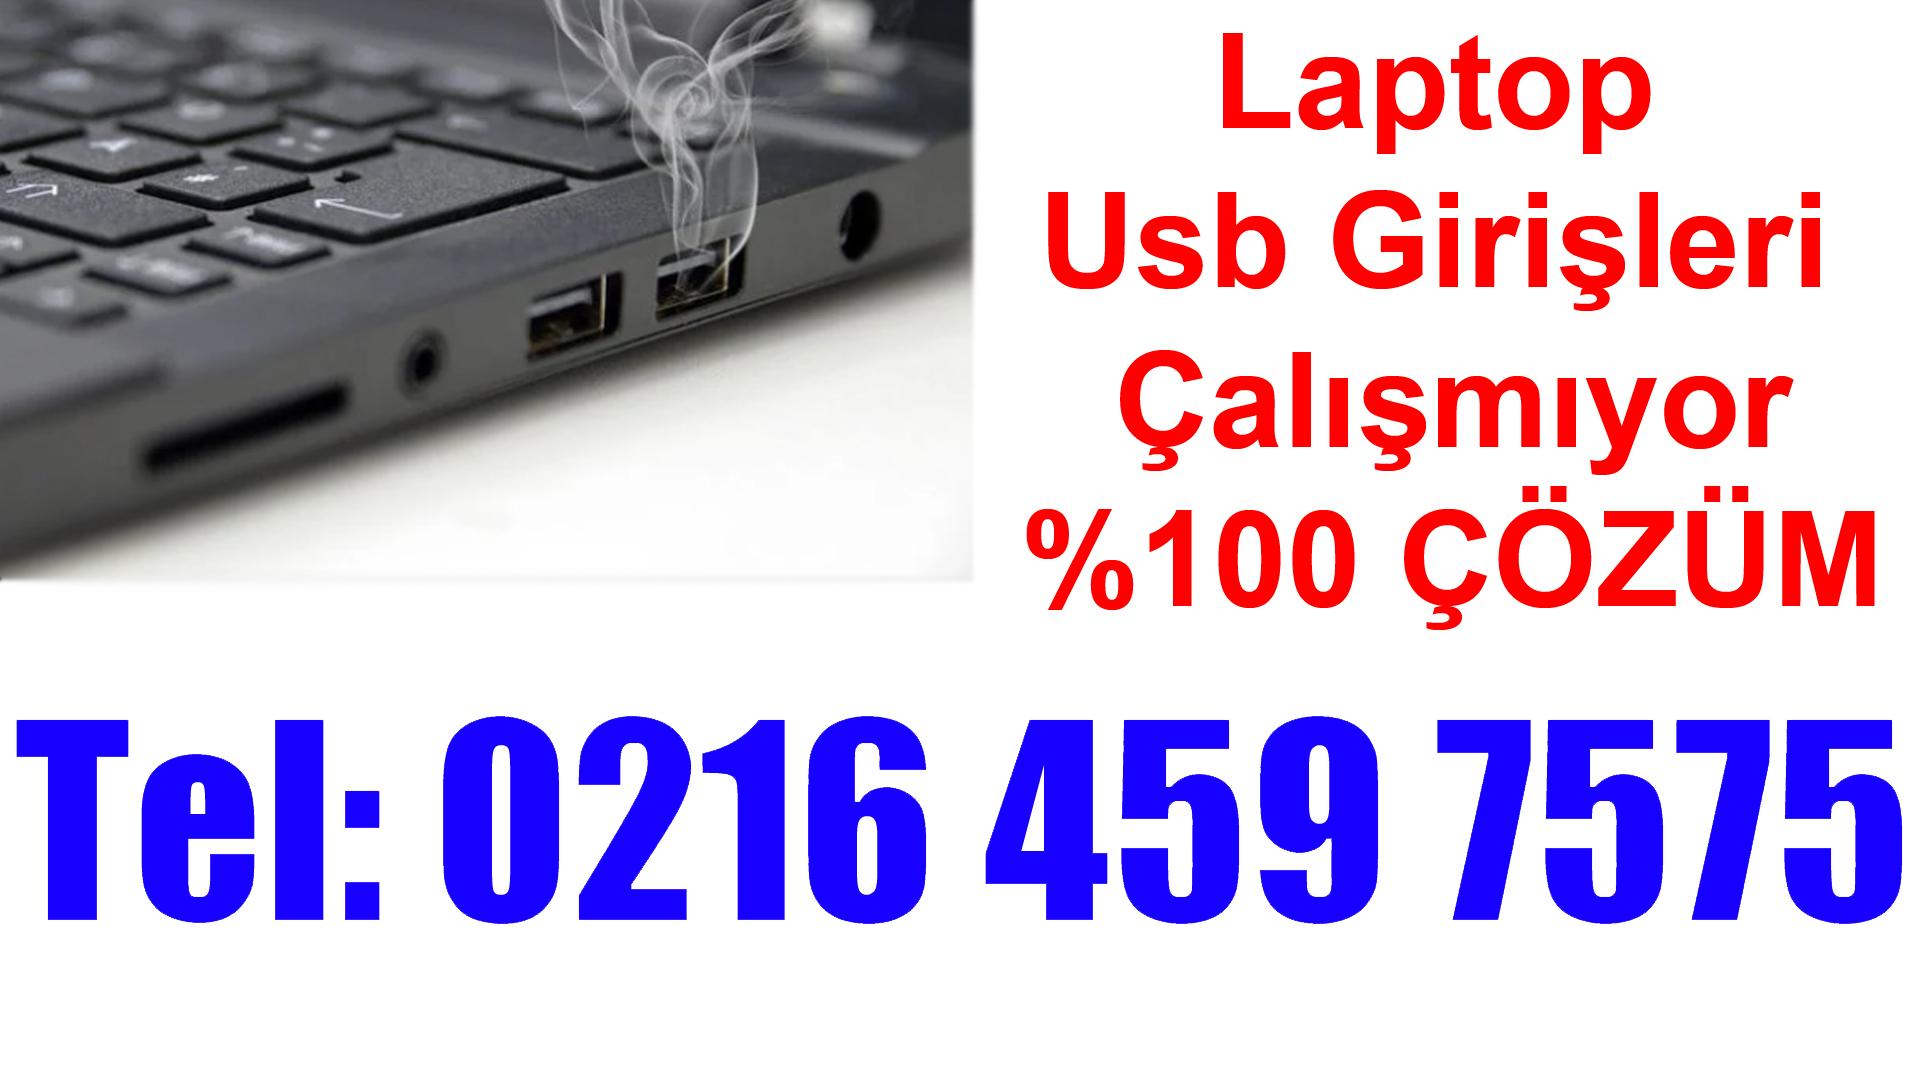 Acer Laptop Usb Girişleri Çalışmıyor